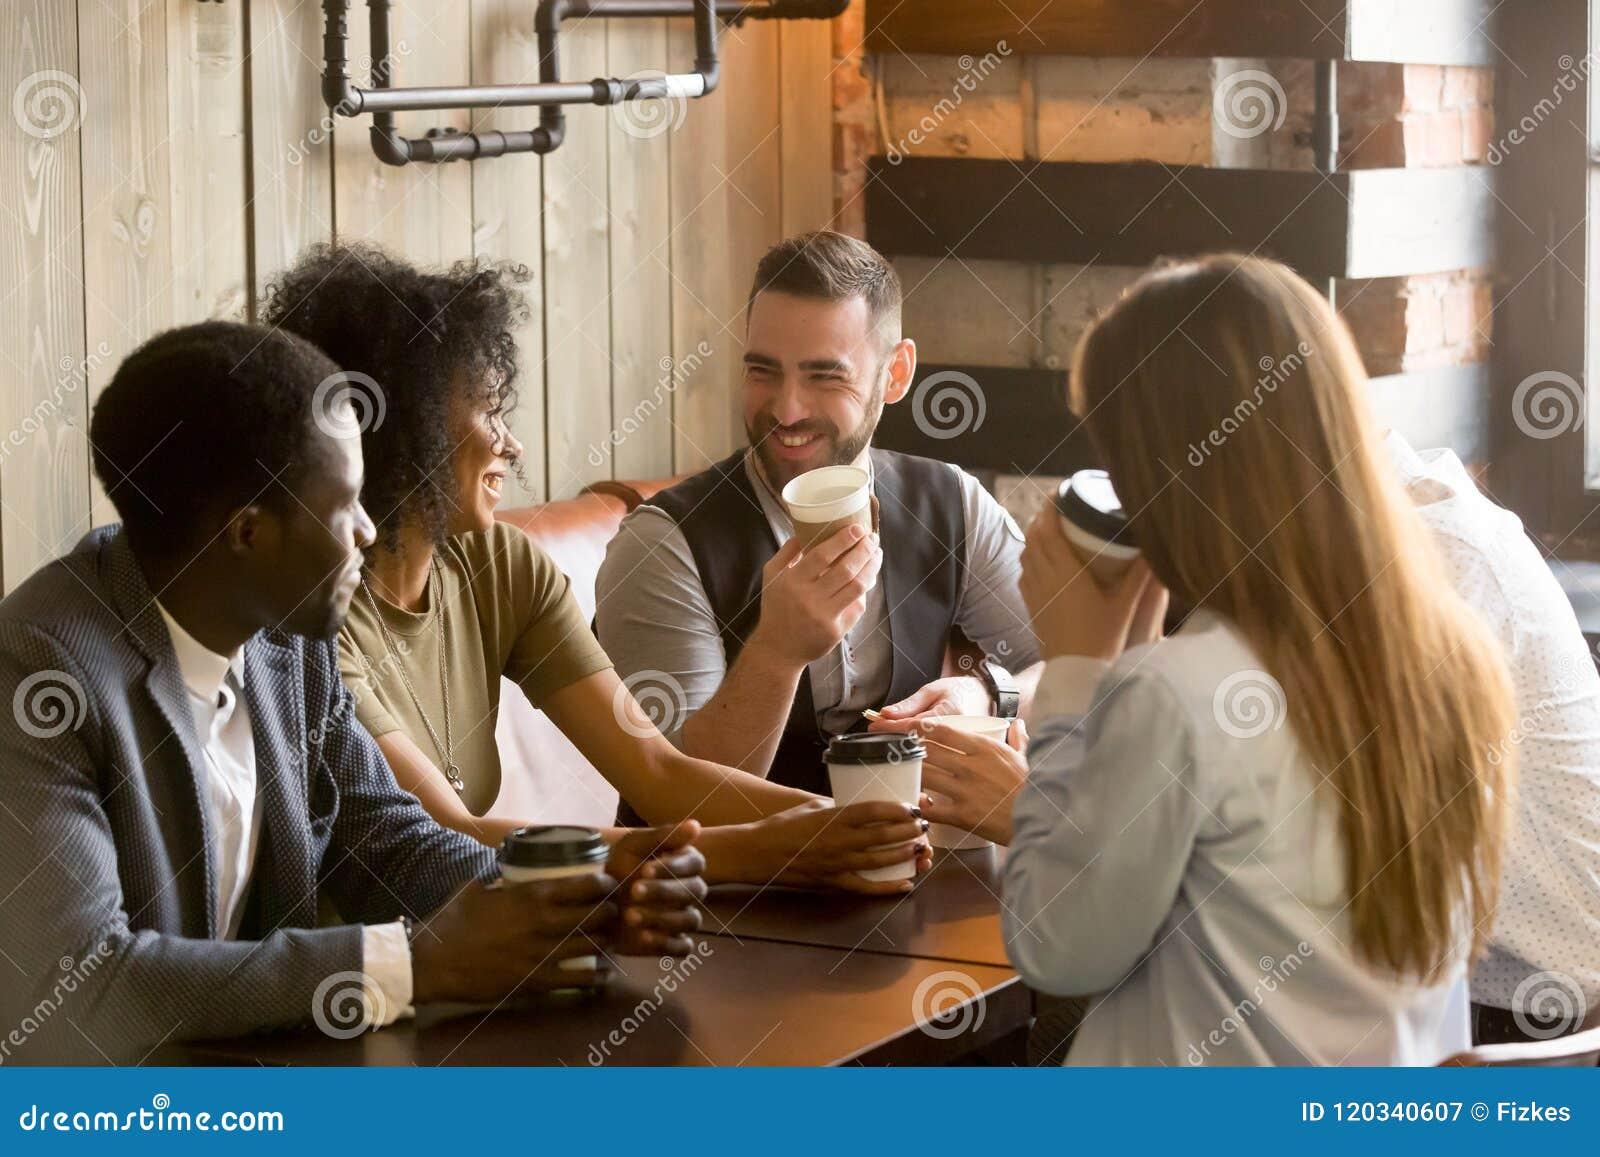 Χαμογελώντας φίλοι που απολαμβάνουν το χρόνο μαζί που έχει τον καφέ στον καφέ